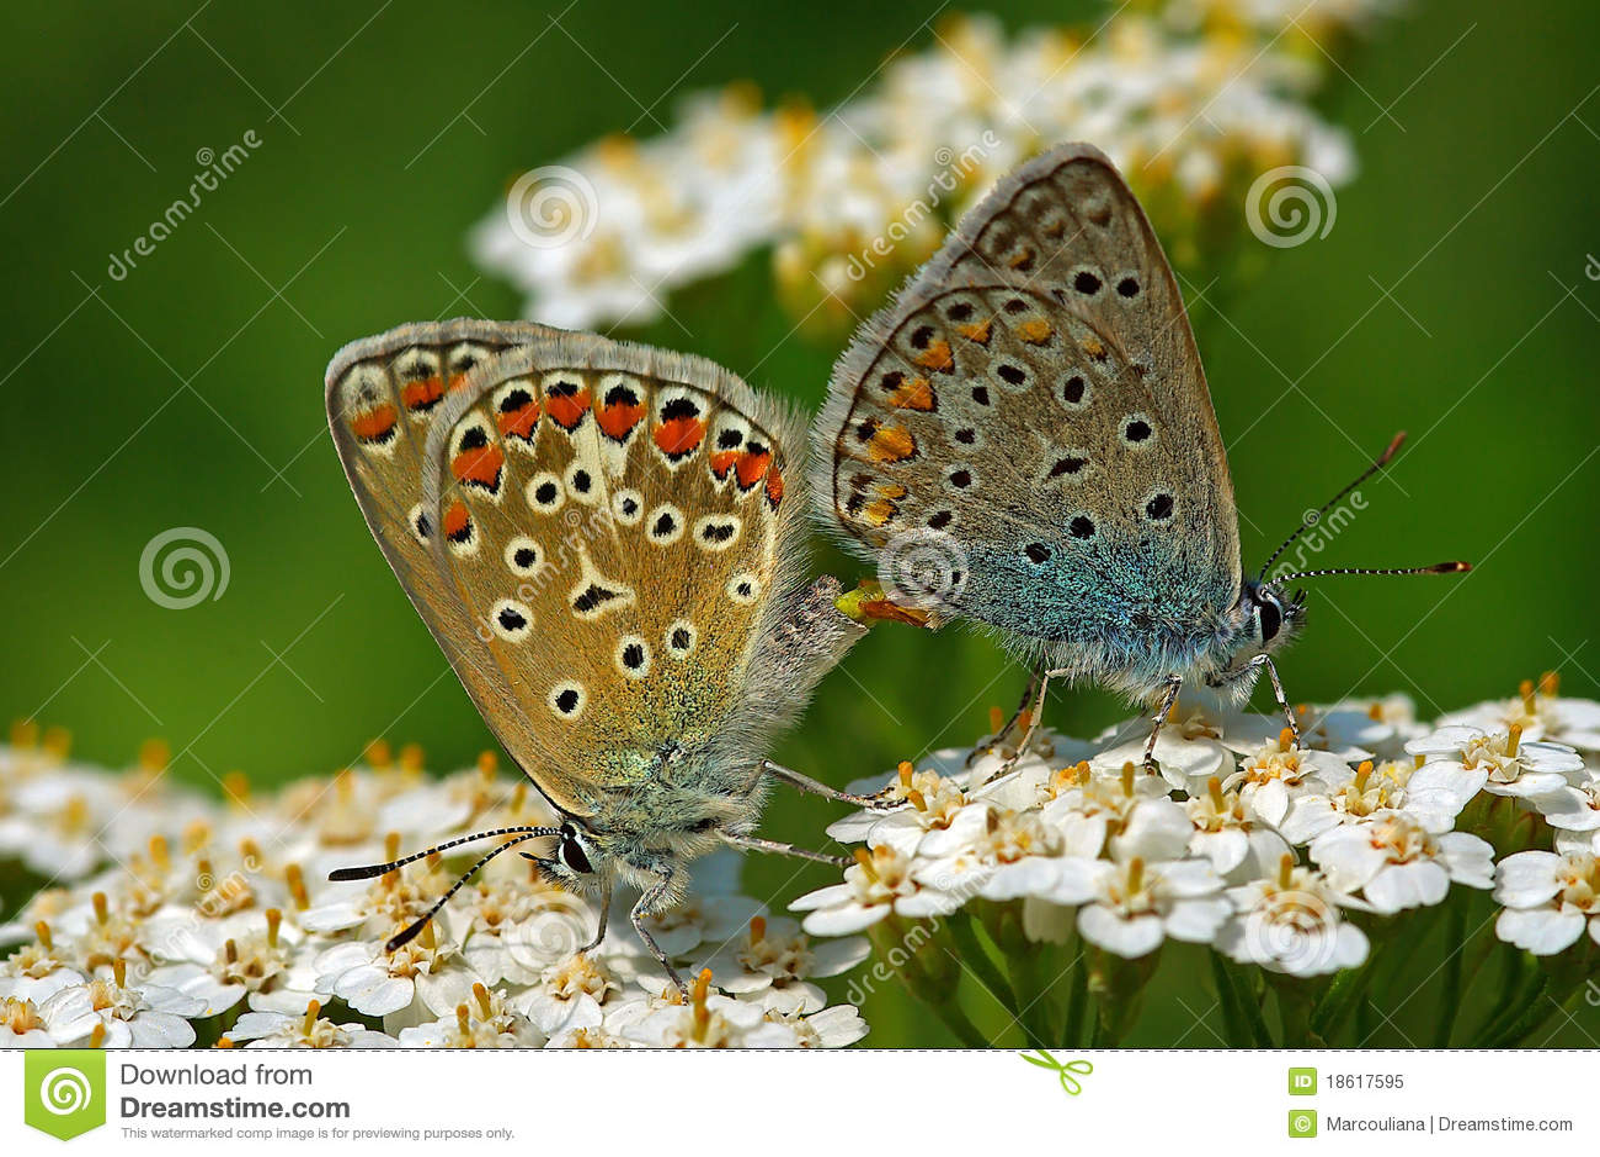 Polyommatus icarus pair